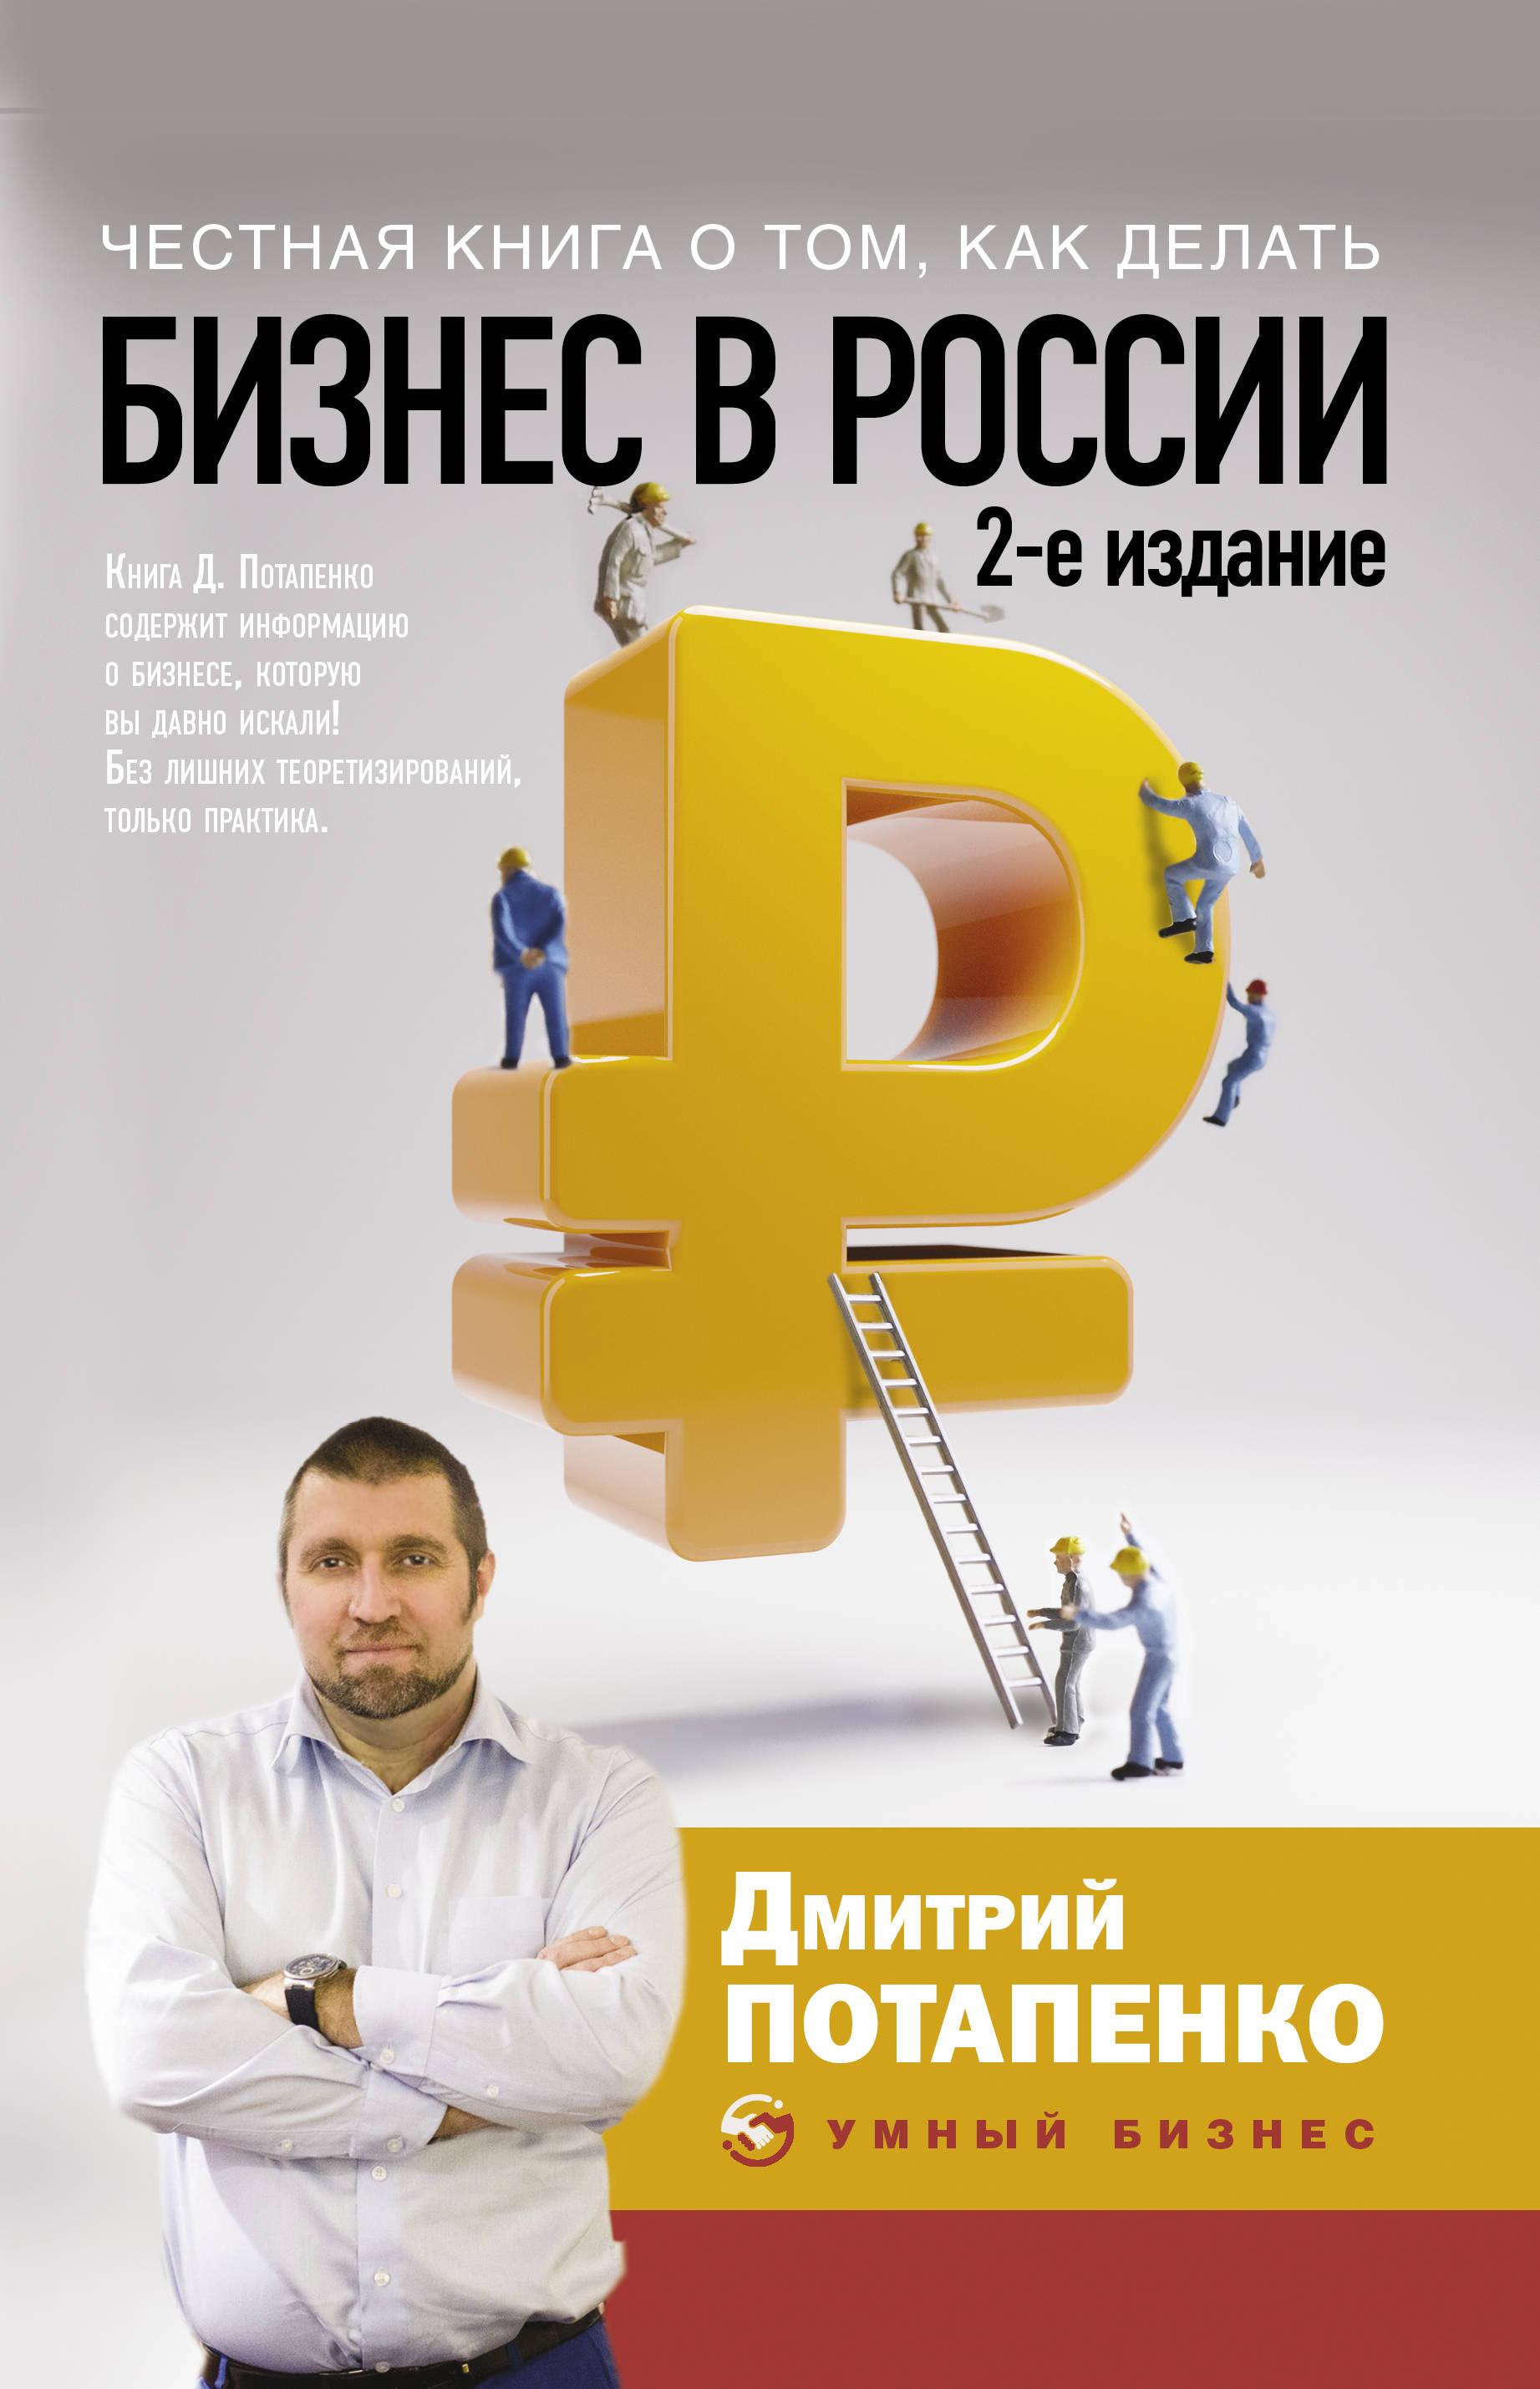 Chestnaja kniga o tom, kak delat biznes v Rossii. 2-e izdanie